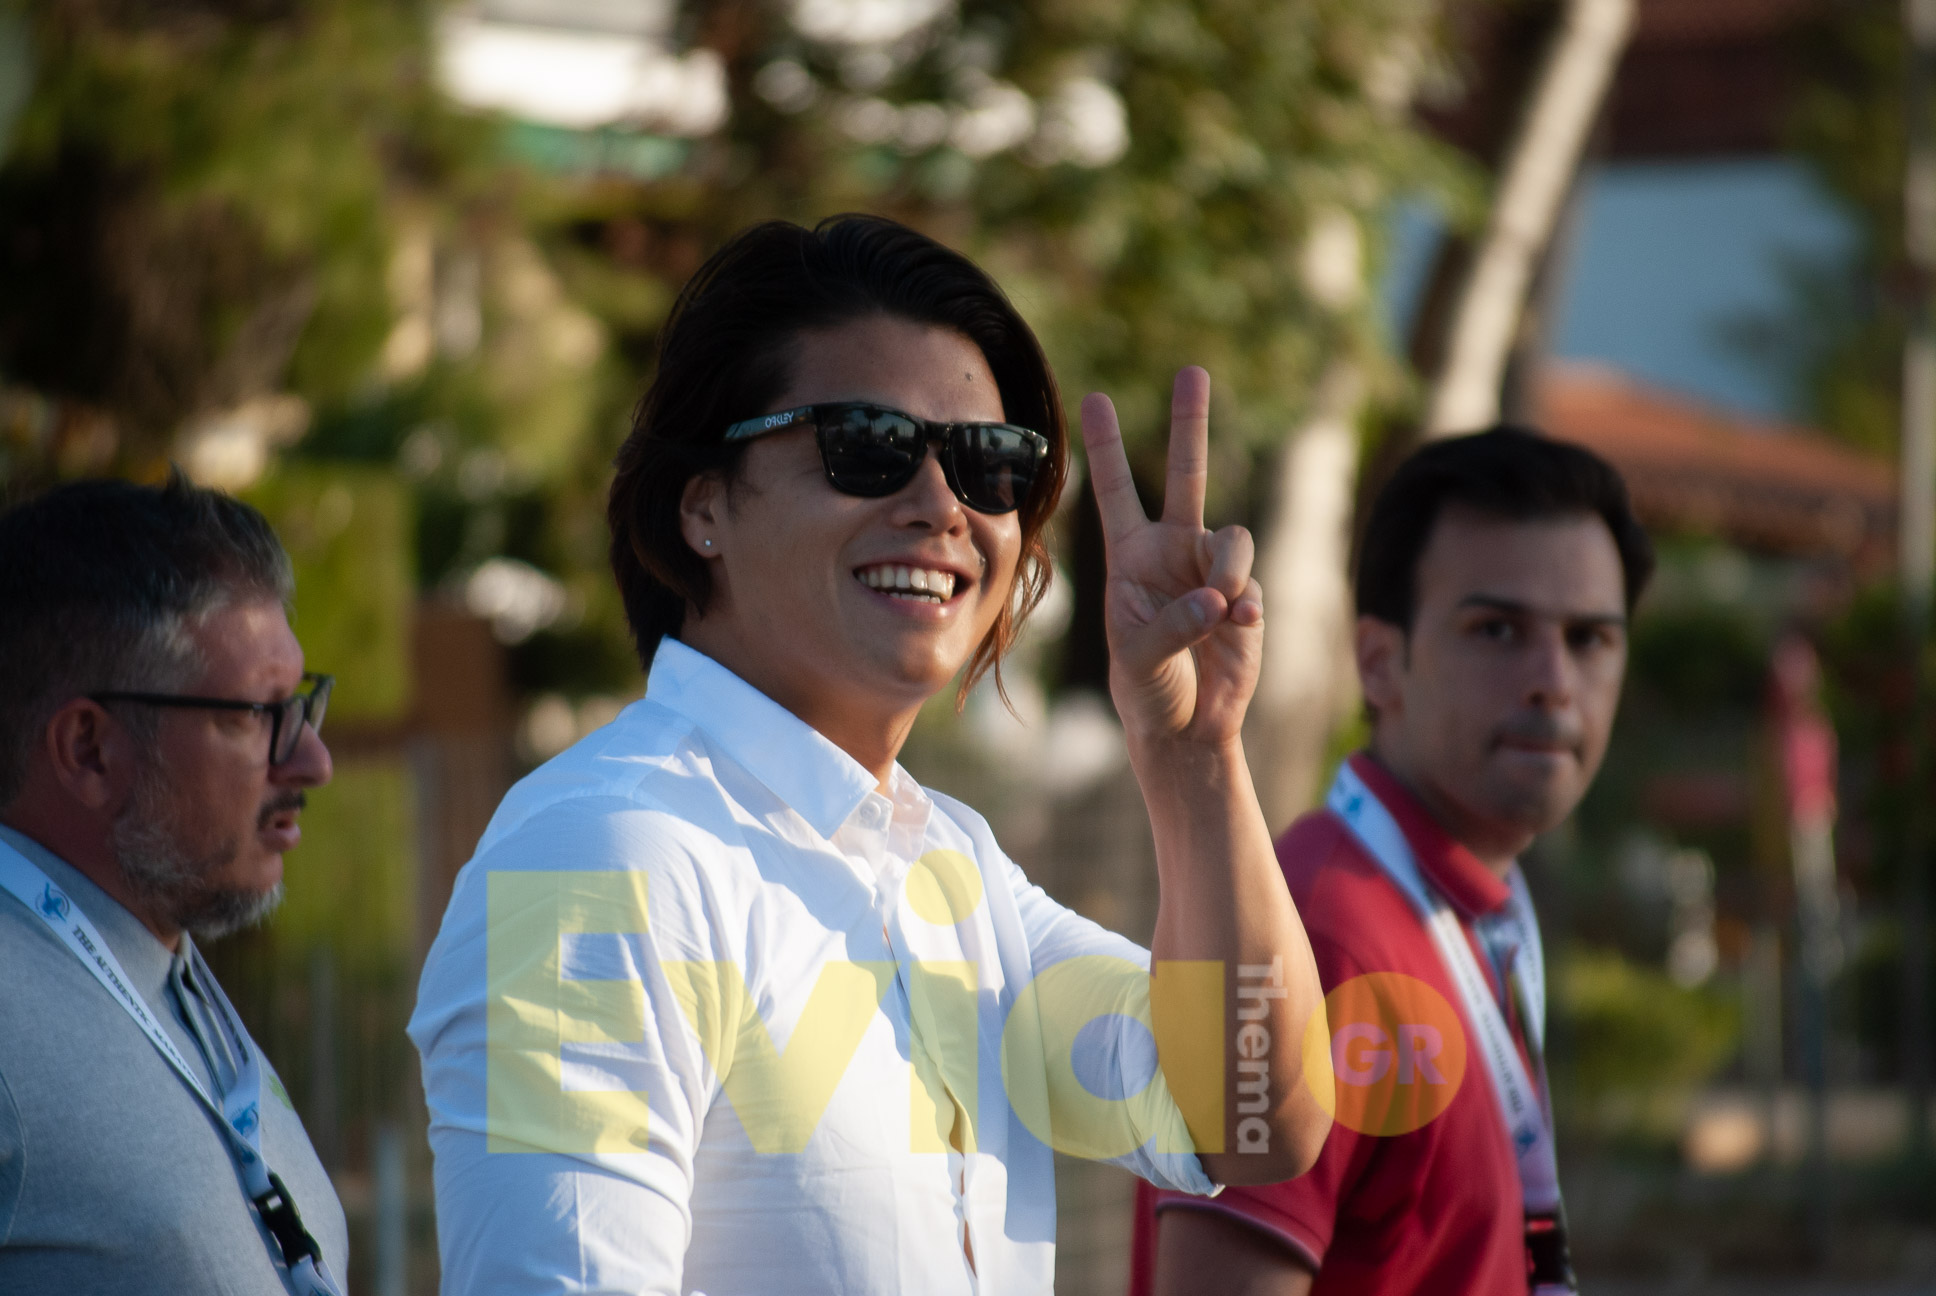 Ιάπωνας Ολυμπιονίκης Yasu Fukuoka - Μαραθώνιο Κολύμβησης Πευκί, Ο Ιάπωνας Ολυμπιονίκης του Ρίο, Yasu Fukuoka στο Πευκί για στον Αυθεντικό Μαραθώνιο Κολύμβησης [ΦΩΤΟ – ΒΙΝΤΕΟ], Eviathema.gr | ΕΥΒΟΙΑ ΝΕΑ - Νέα και ειδήσεις από όλη την Εύβοια